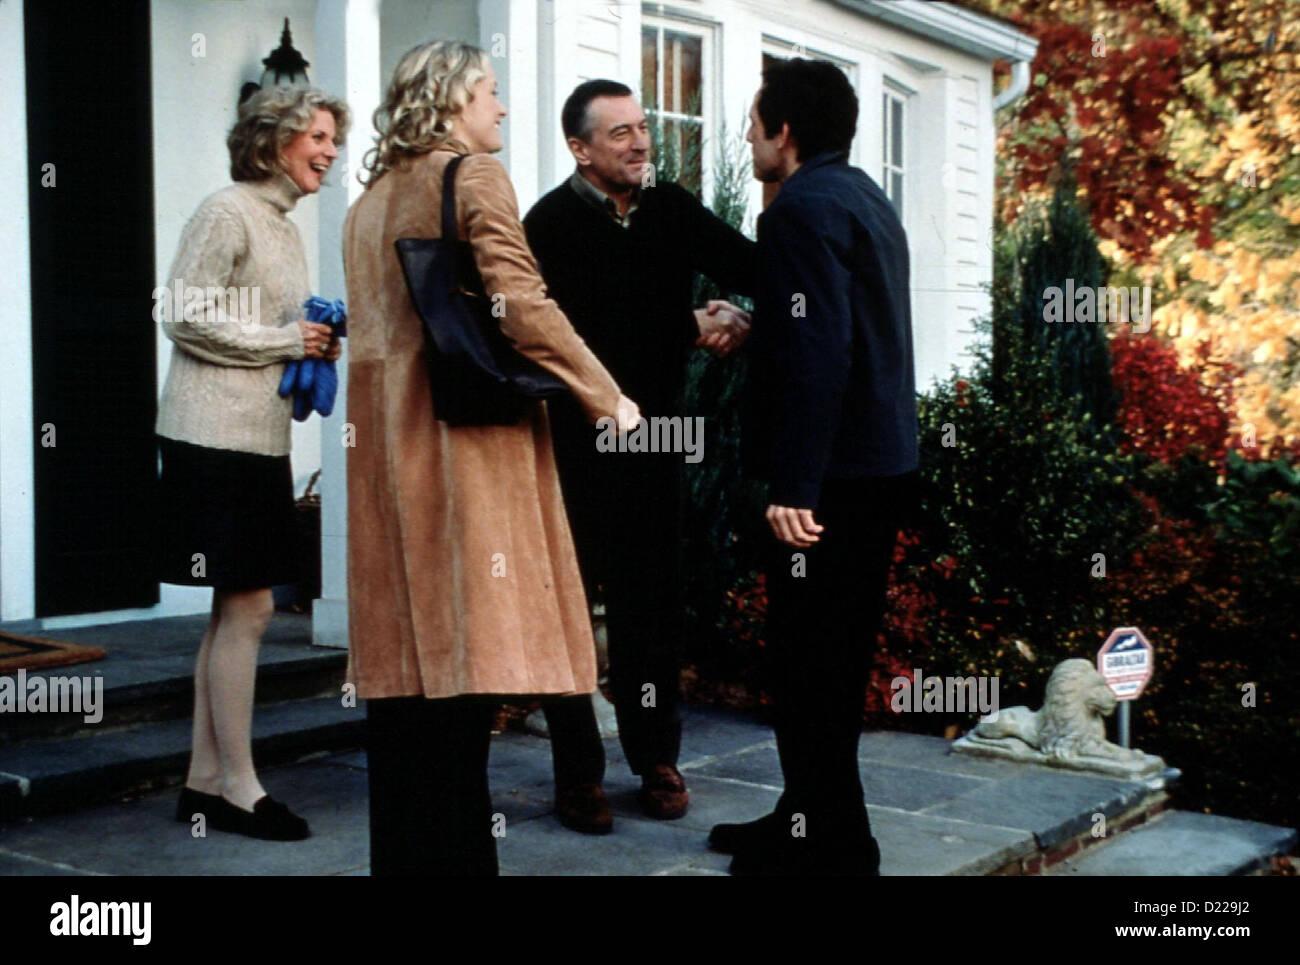 Meine Braut, Ihr Vater Und Ich  Meet Parents  Blythe Danner, Teri Polo, Robert De Niro, Ben Stiller Greg (Ben Stiller, - Stock Image